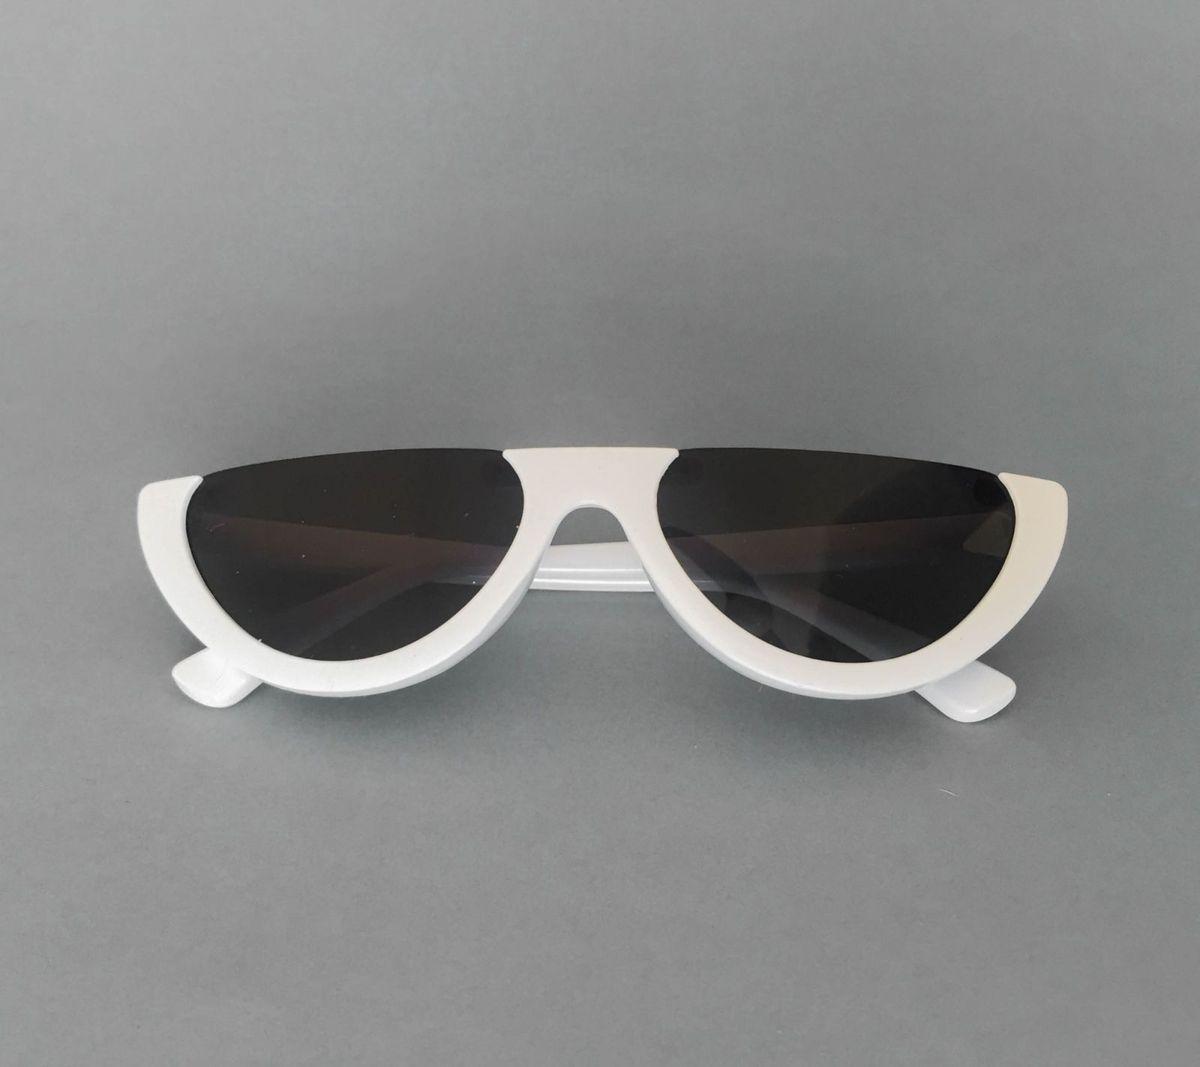 2f6e7521ac492 óculos branco - óculos sem marca.  Czm6ly9wag90b3muzw5qb2vplmnvbs5ici9wcm9kdwn0cy83mdyyotqvzmvinzy2mdmyytmynjy5ndc1ngy3yjliodvjothhzjcuanbn  ...